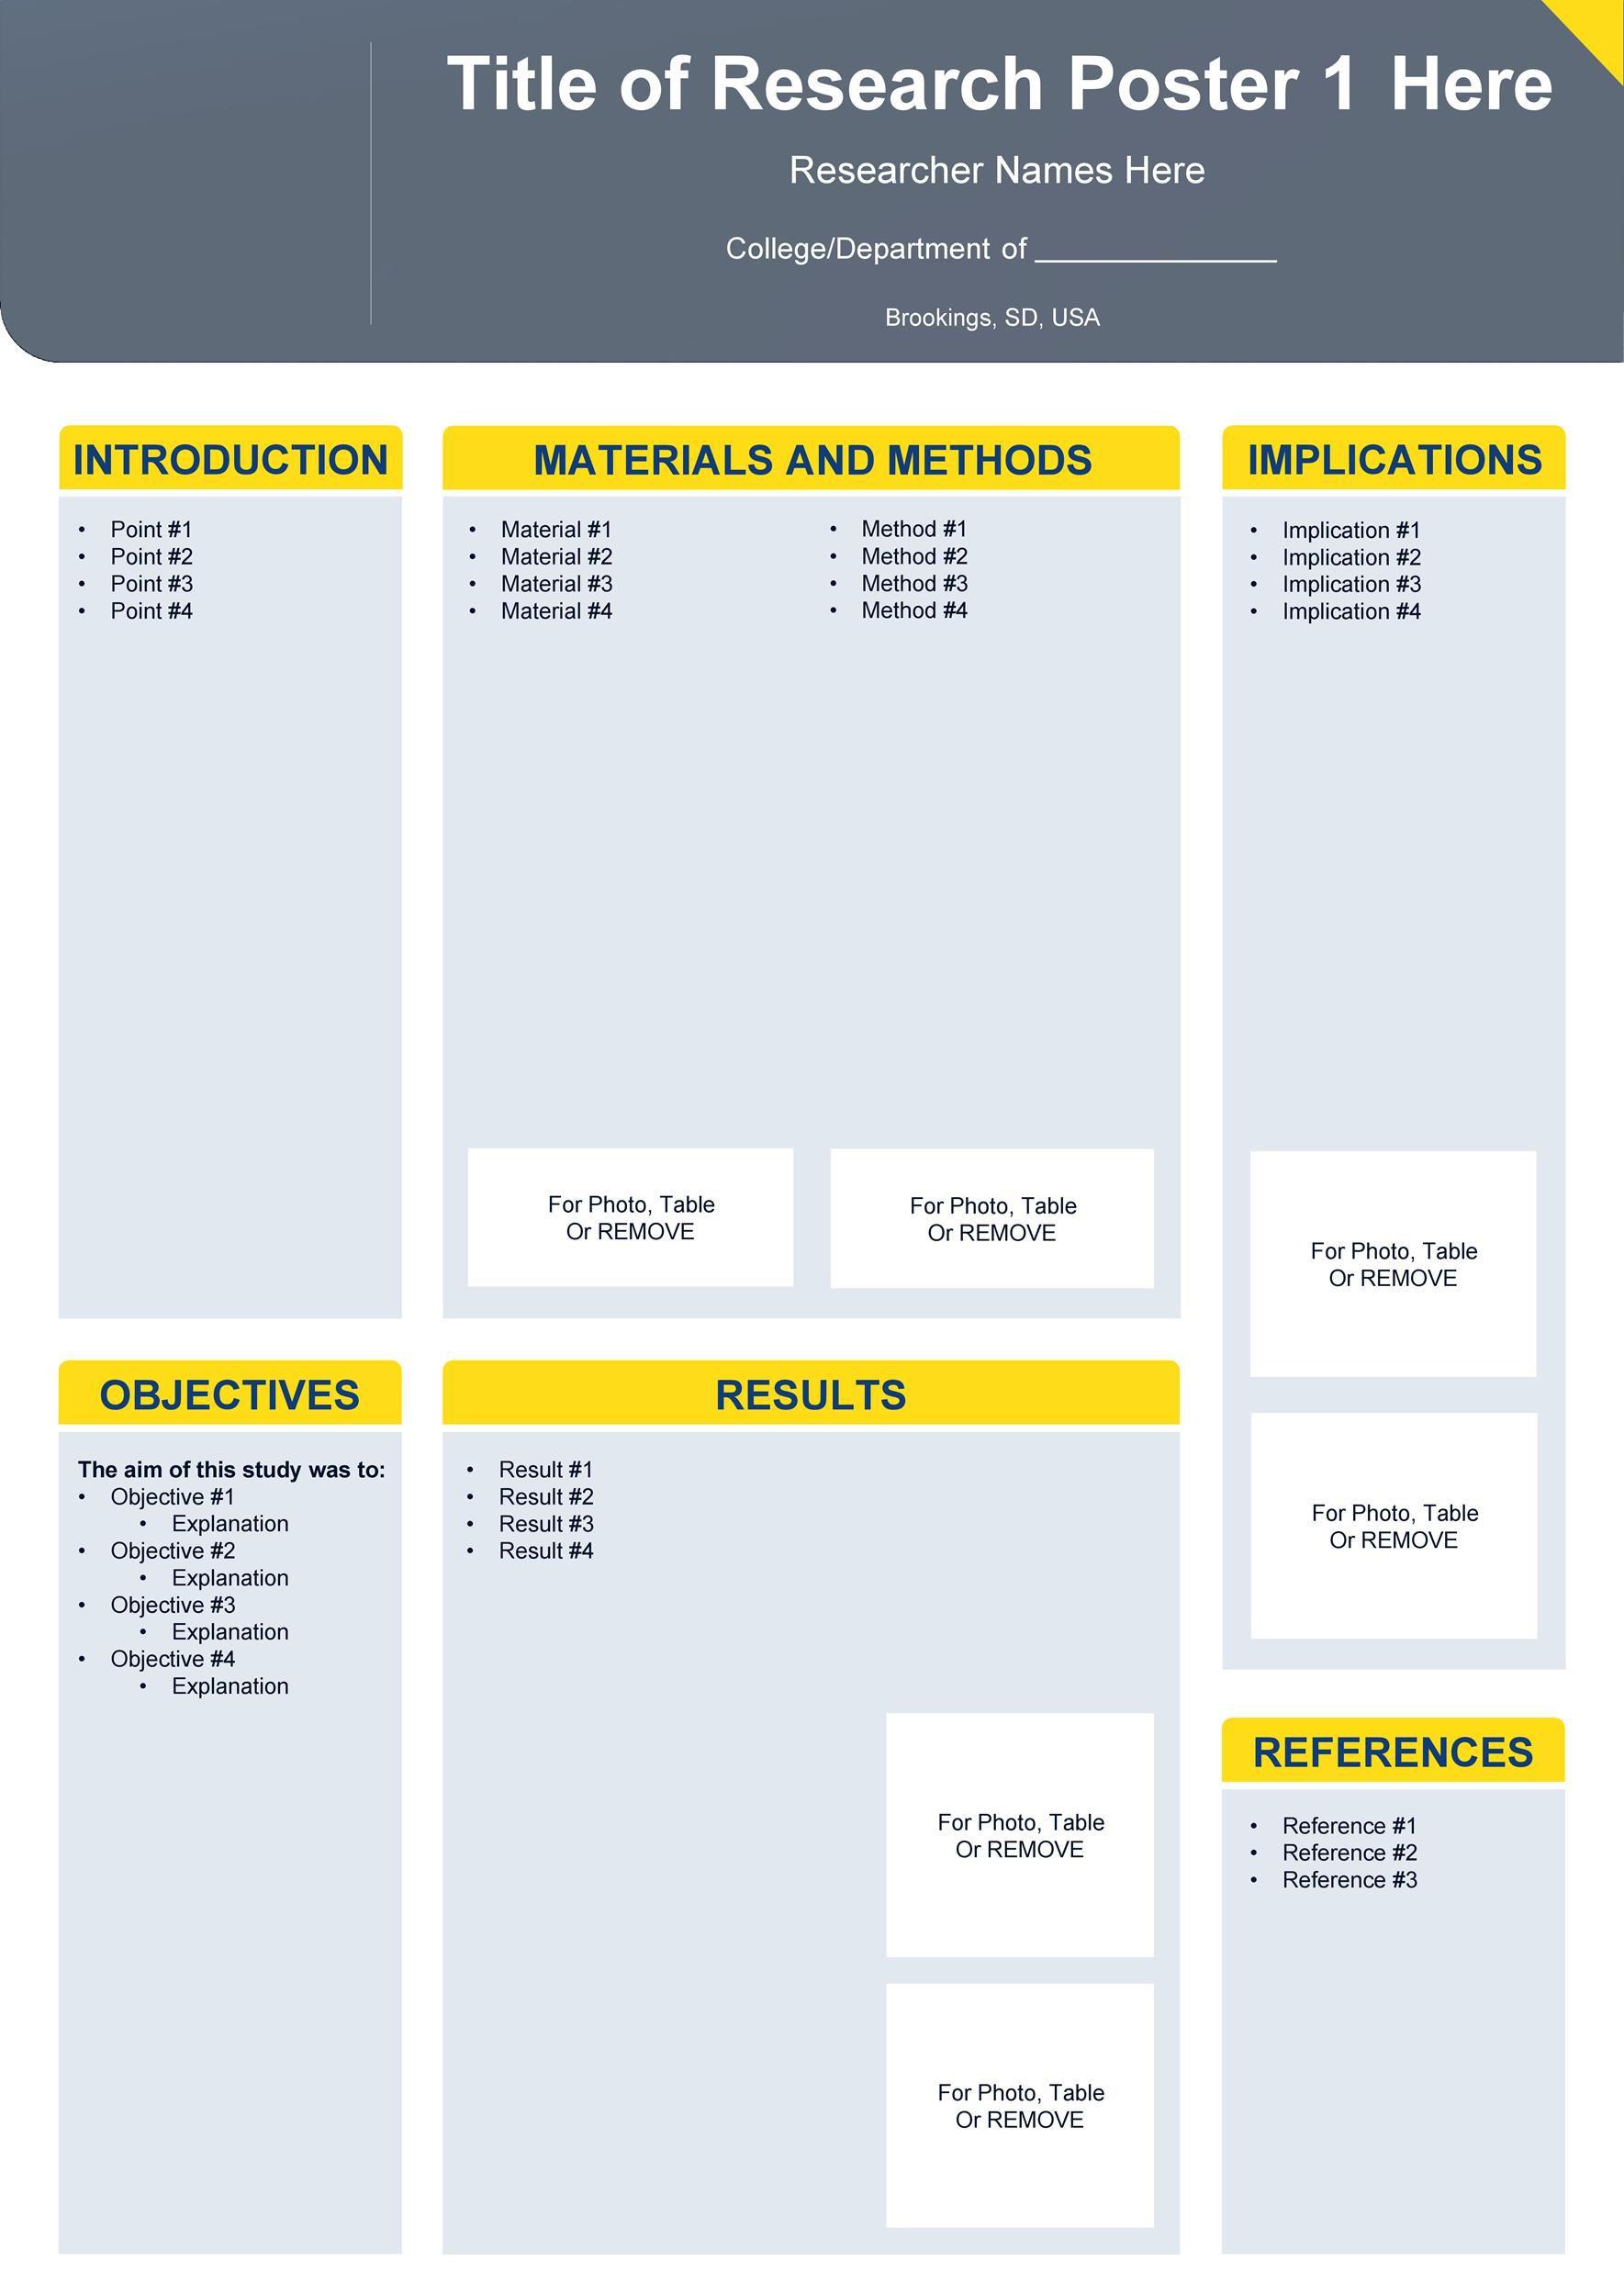 008 Stupendou Scientific Poster Design Template Free Download Idea Full